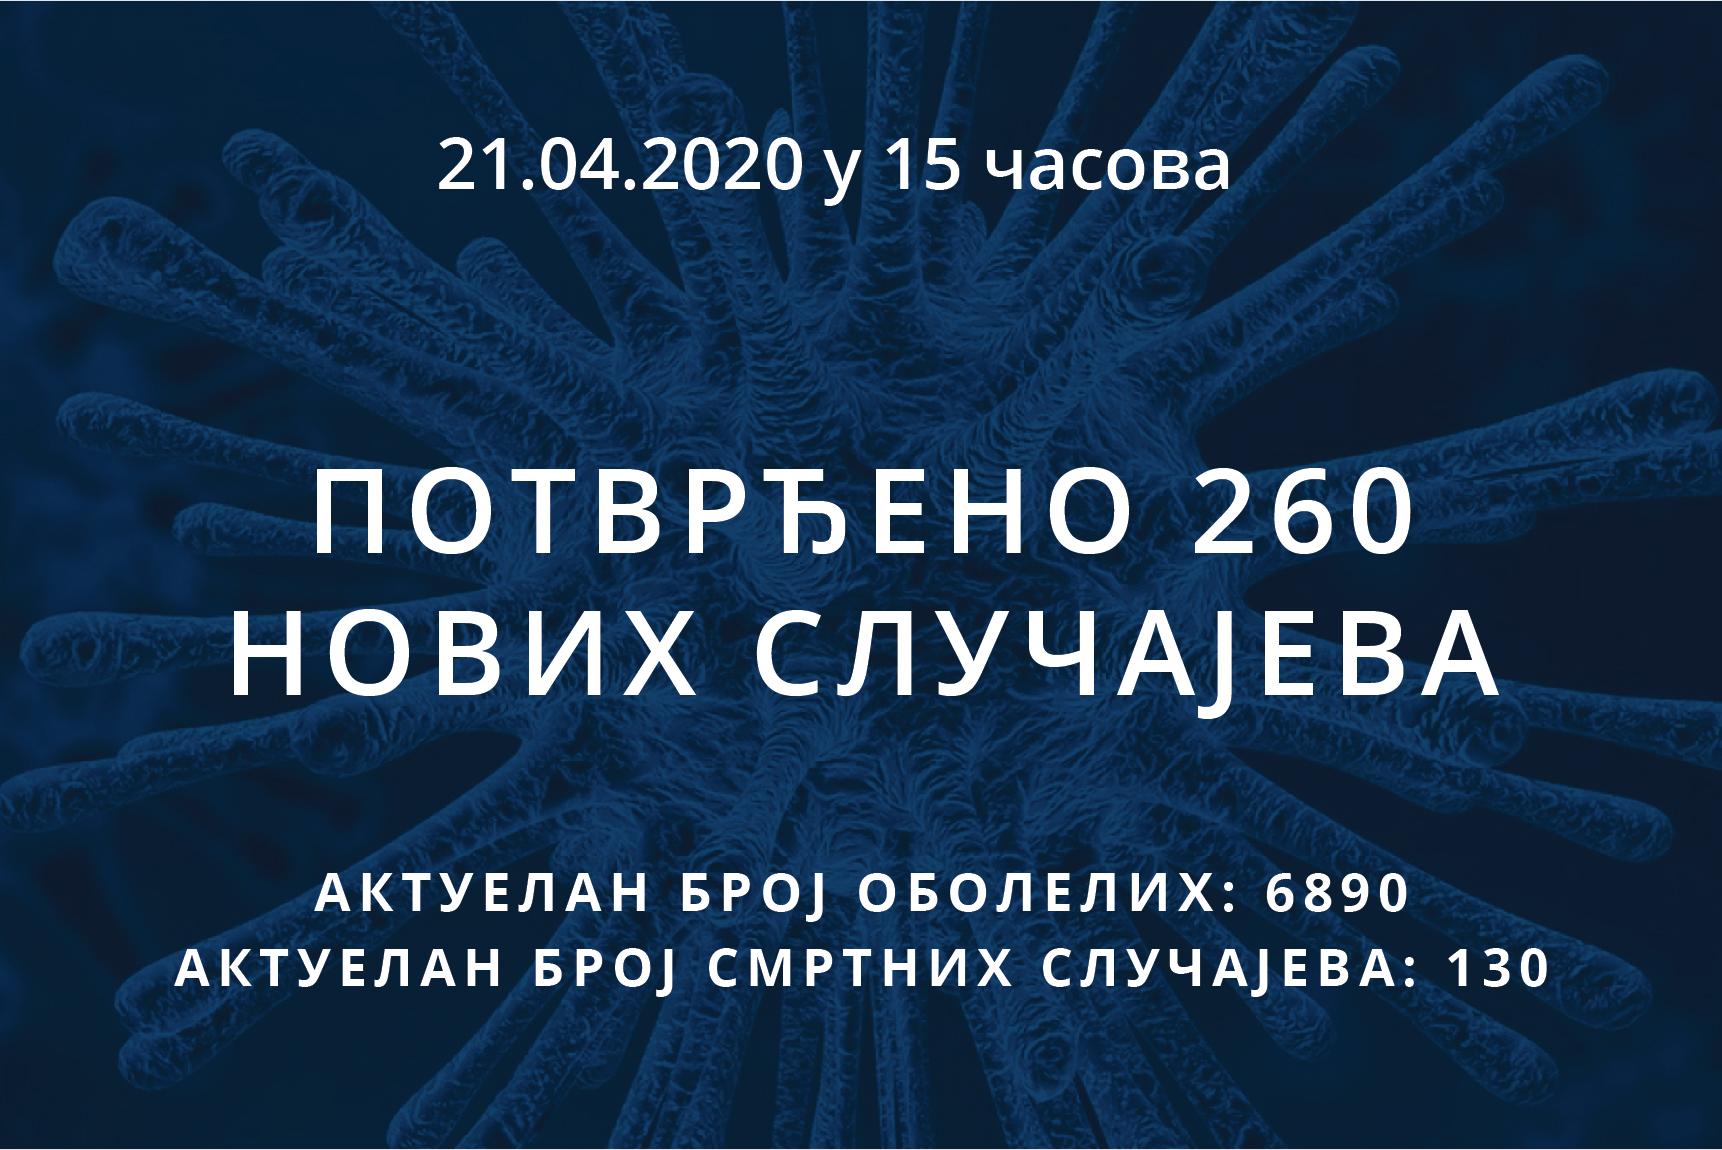 Информације о корона вирусу COVID-19, 21.04.2020 у 15 часова